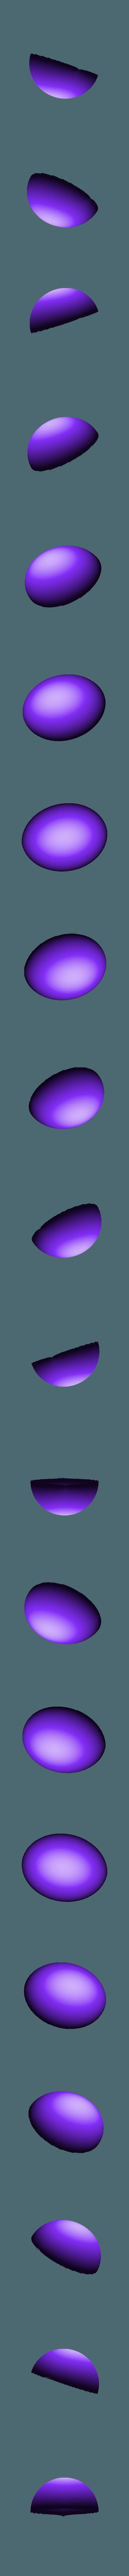 nose_black.stl Télécharger fichier STL gratuit Koala (de la série animée Pucca) MMU • Objet à imprimer en 3D, Jangie